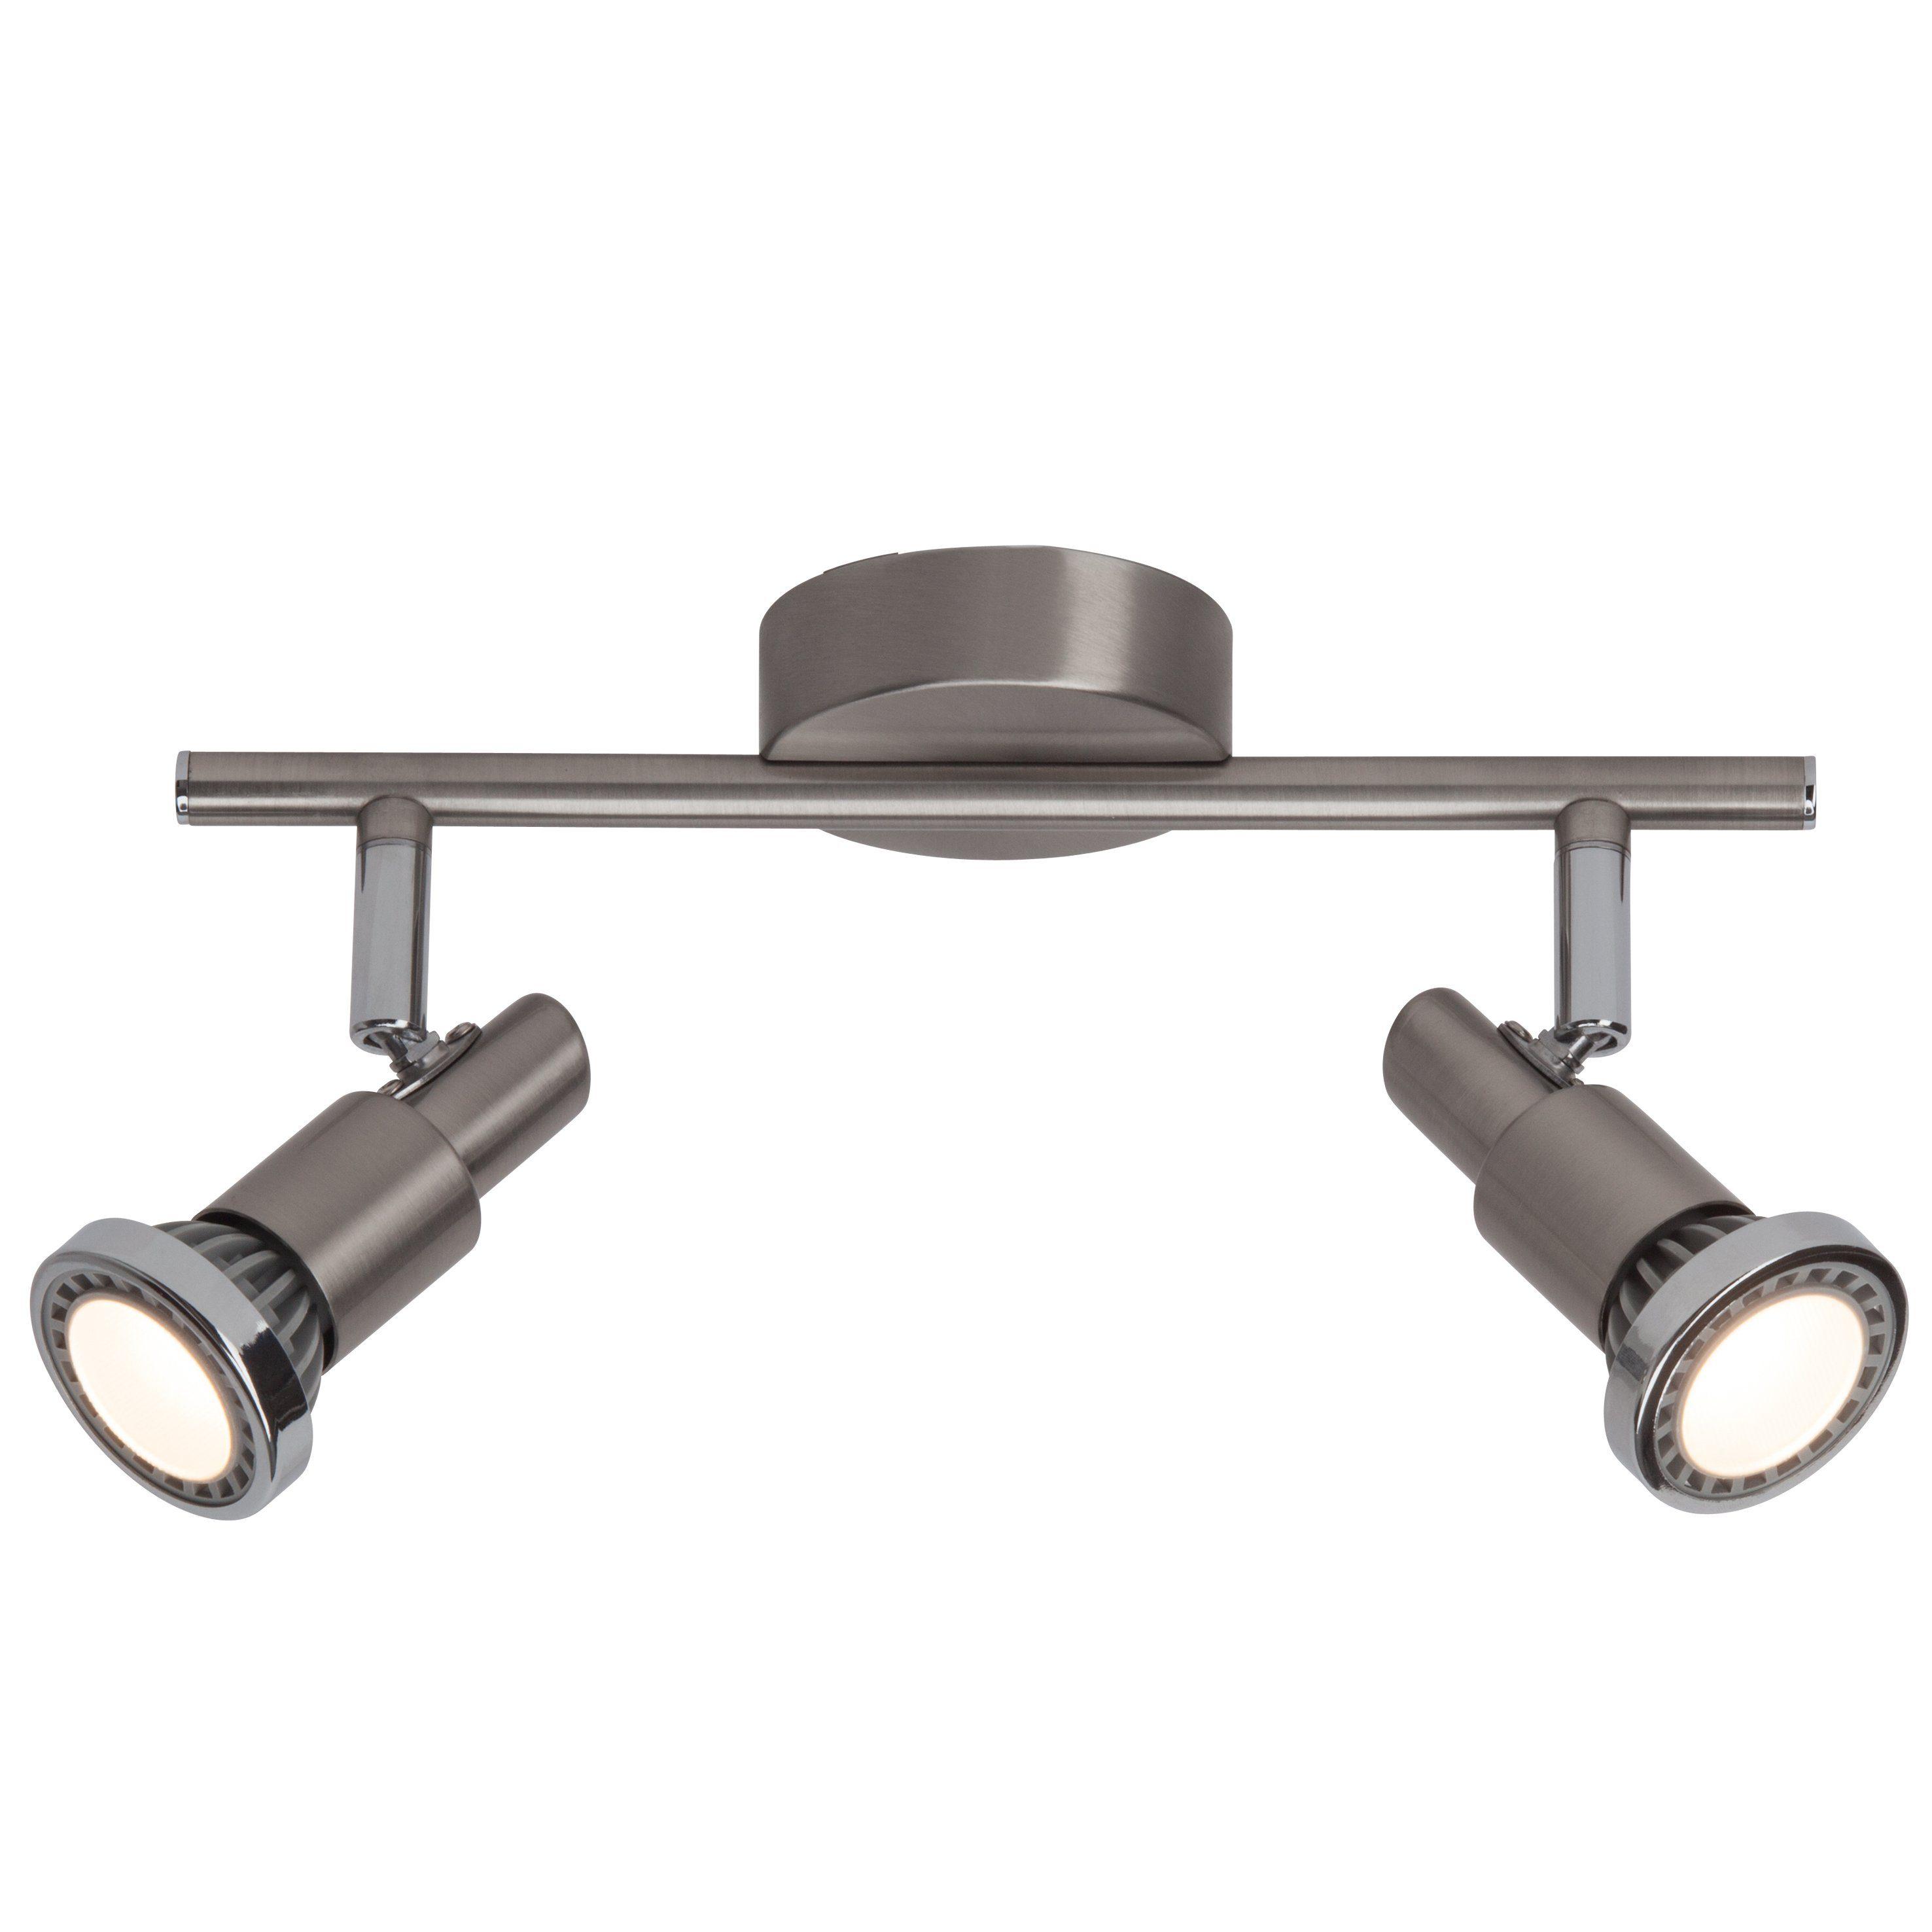 Brilliant Leuchten Ryan LED Spotrohr, 2-flammig eisen/chrom/weiß